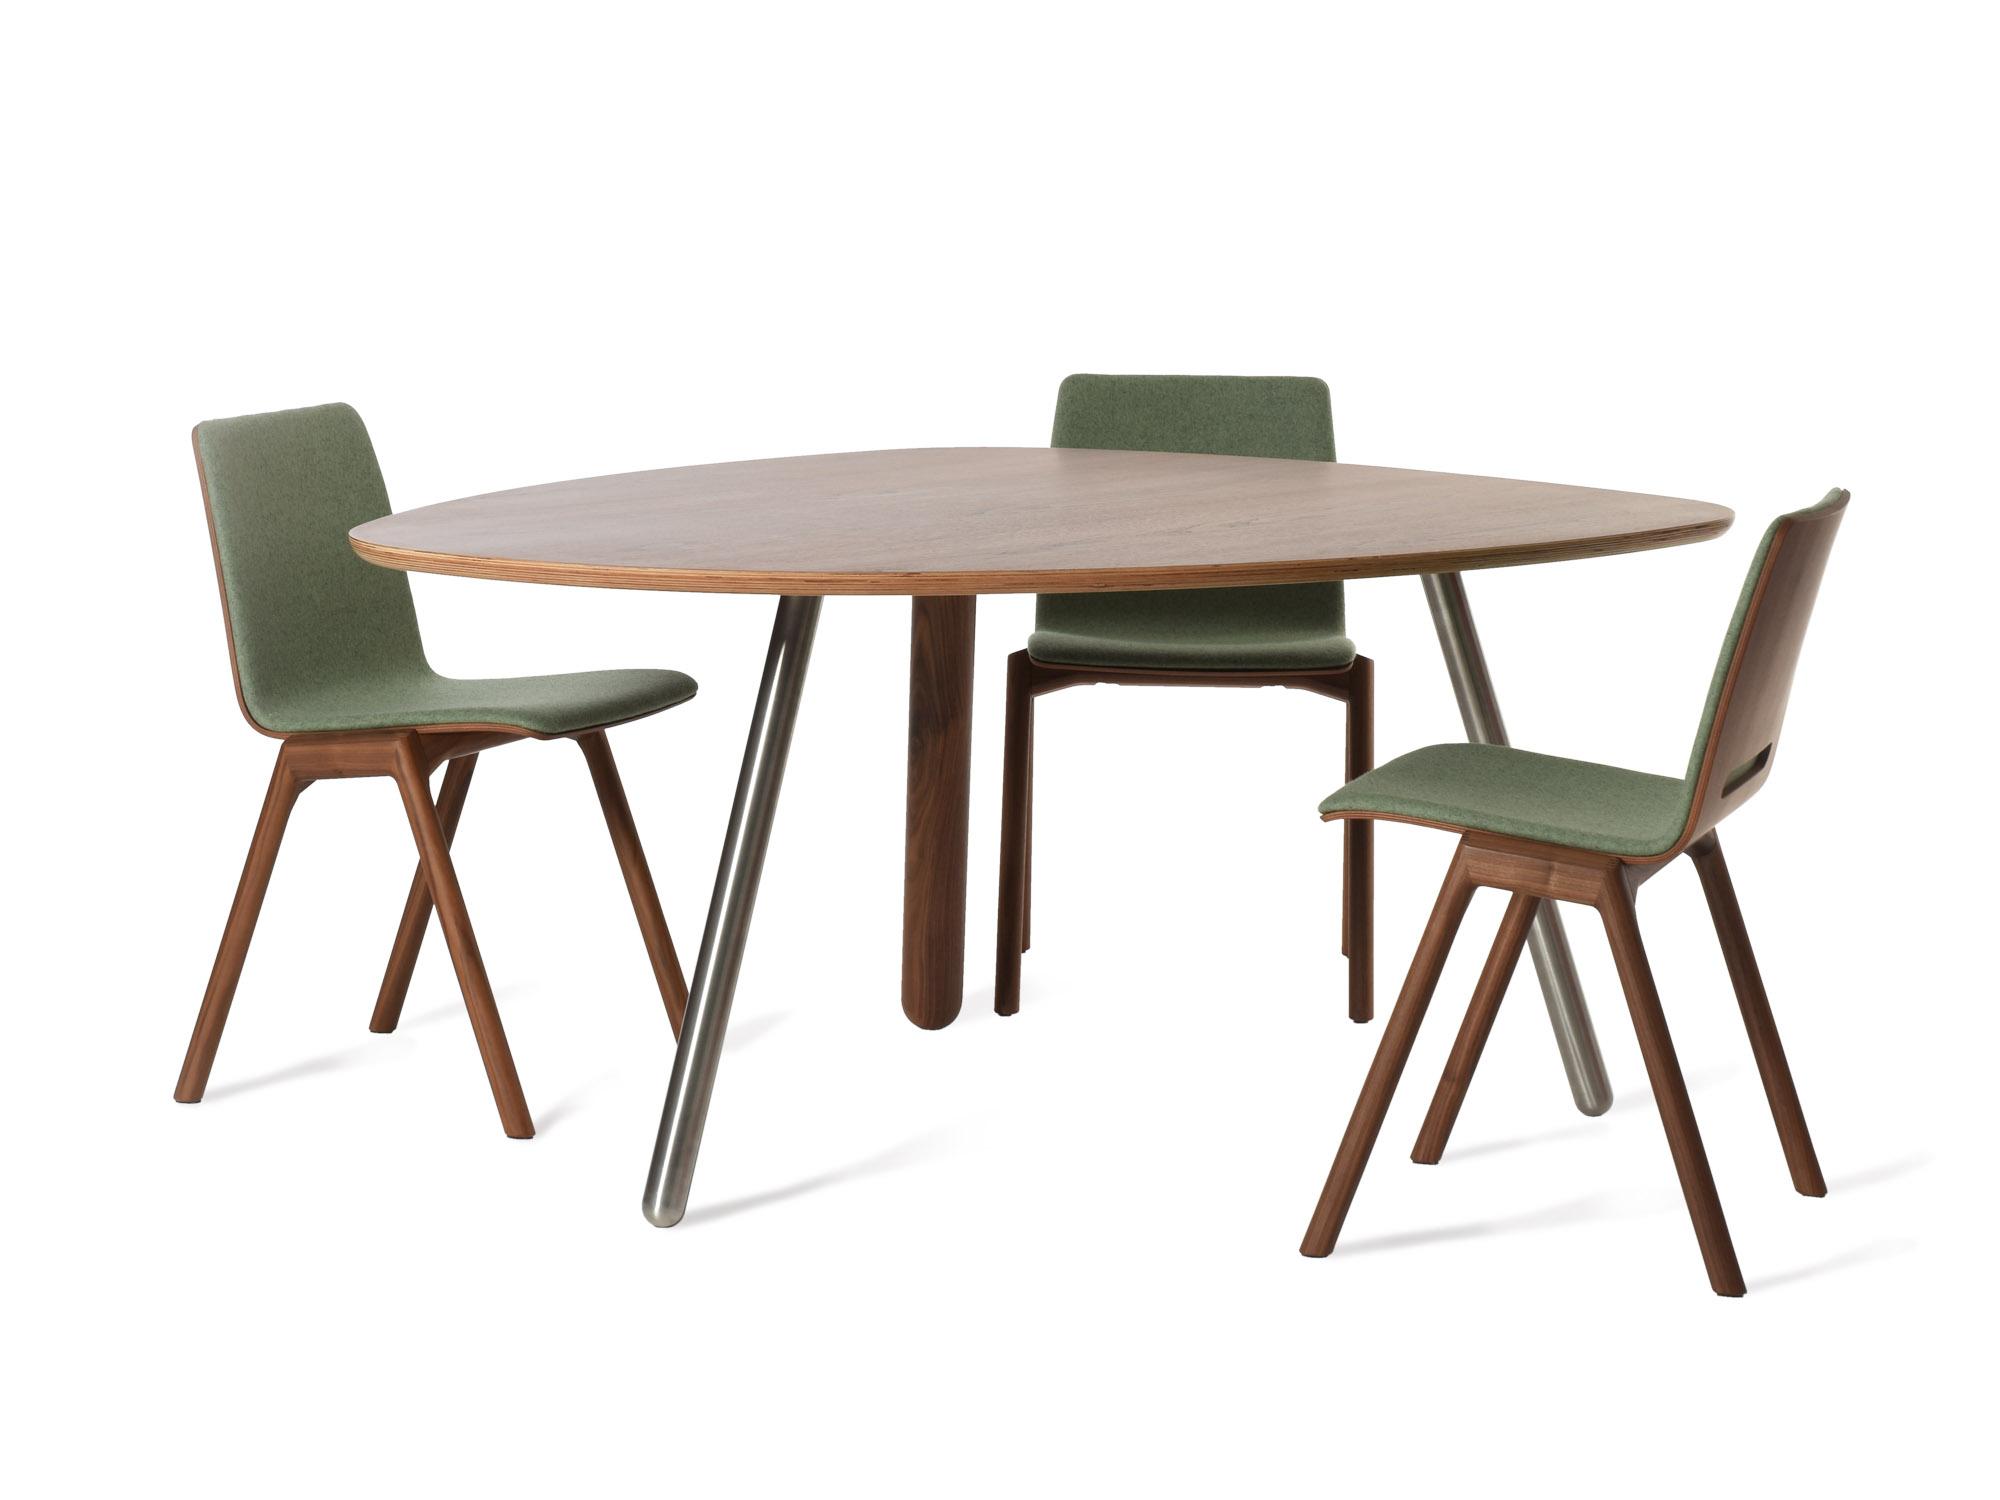 Castelijn Circlips - Design by Dick Spierenburg & Karel Boonzaaijer